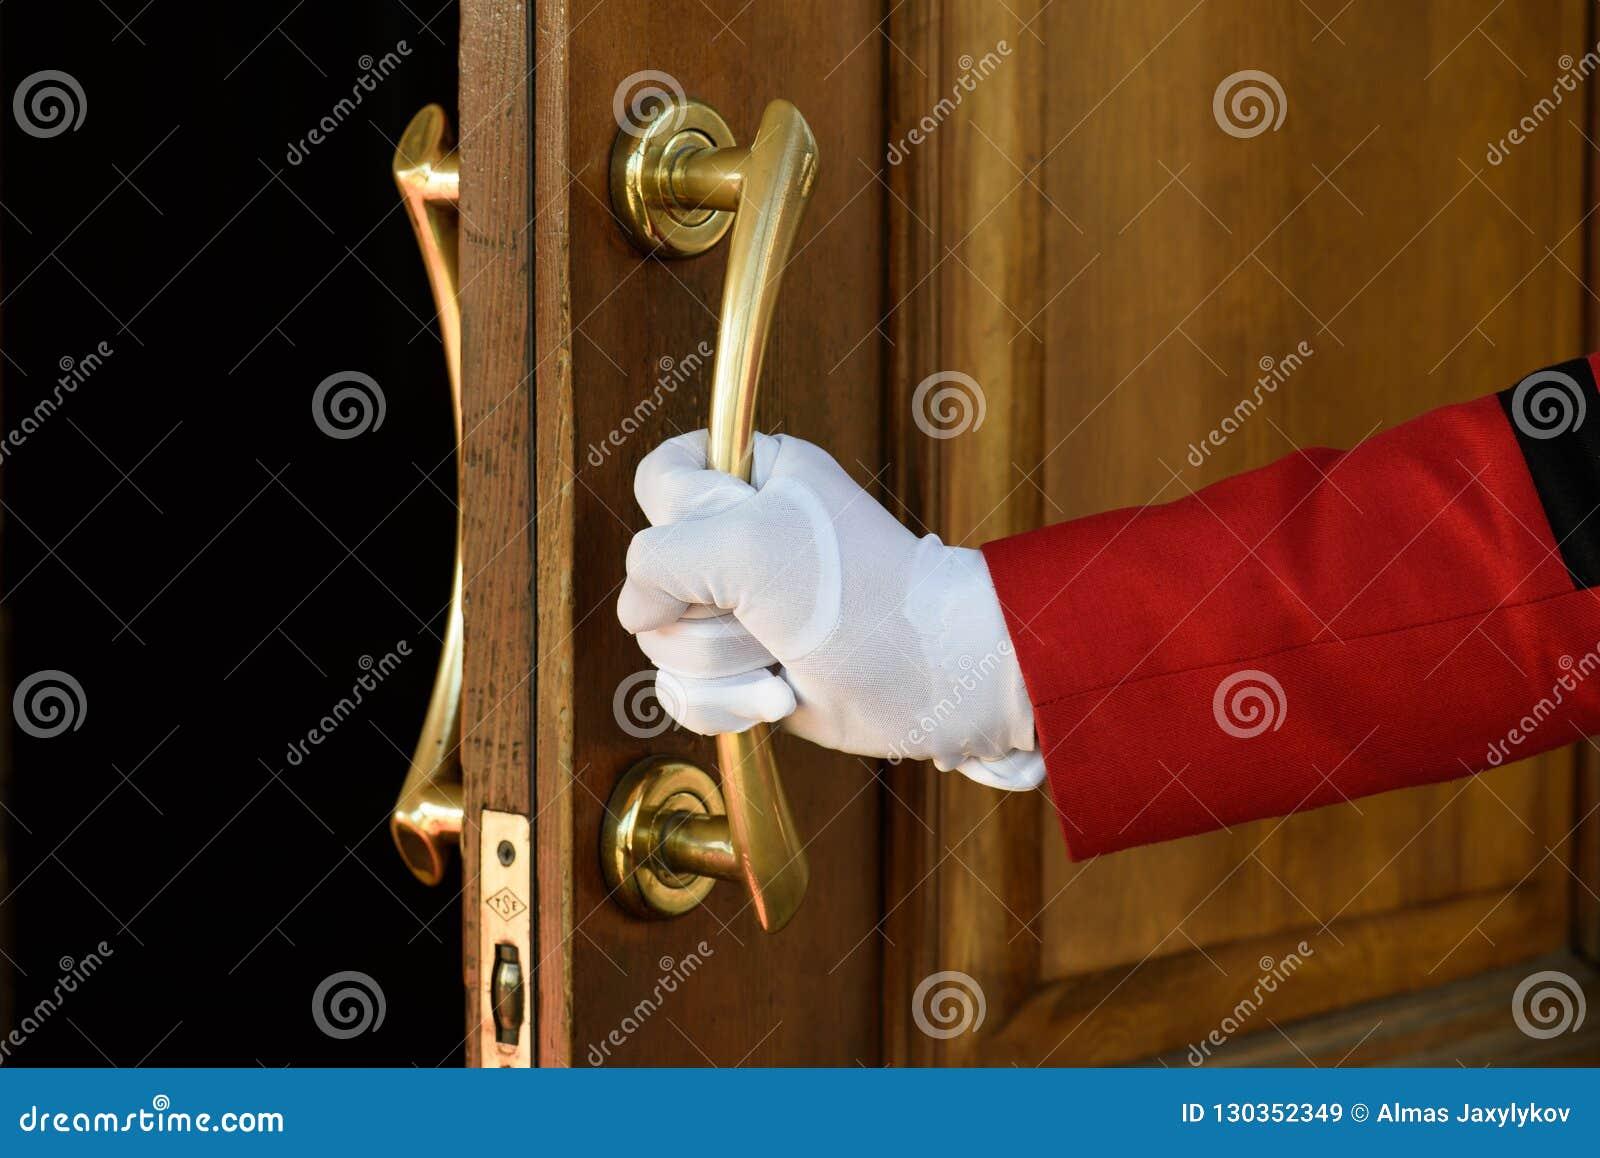 门房张开在白色手套的旅馆门手